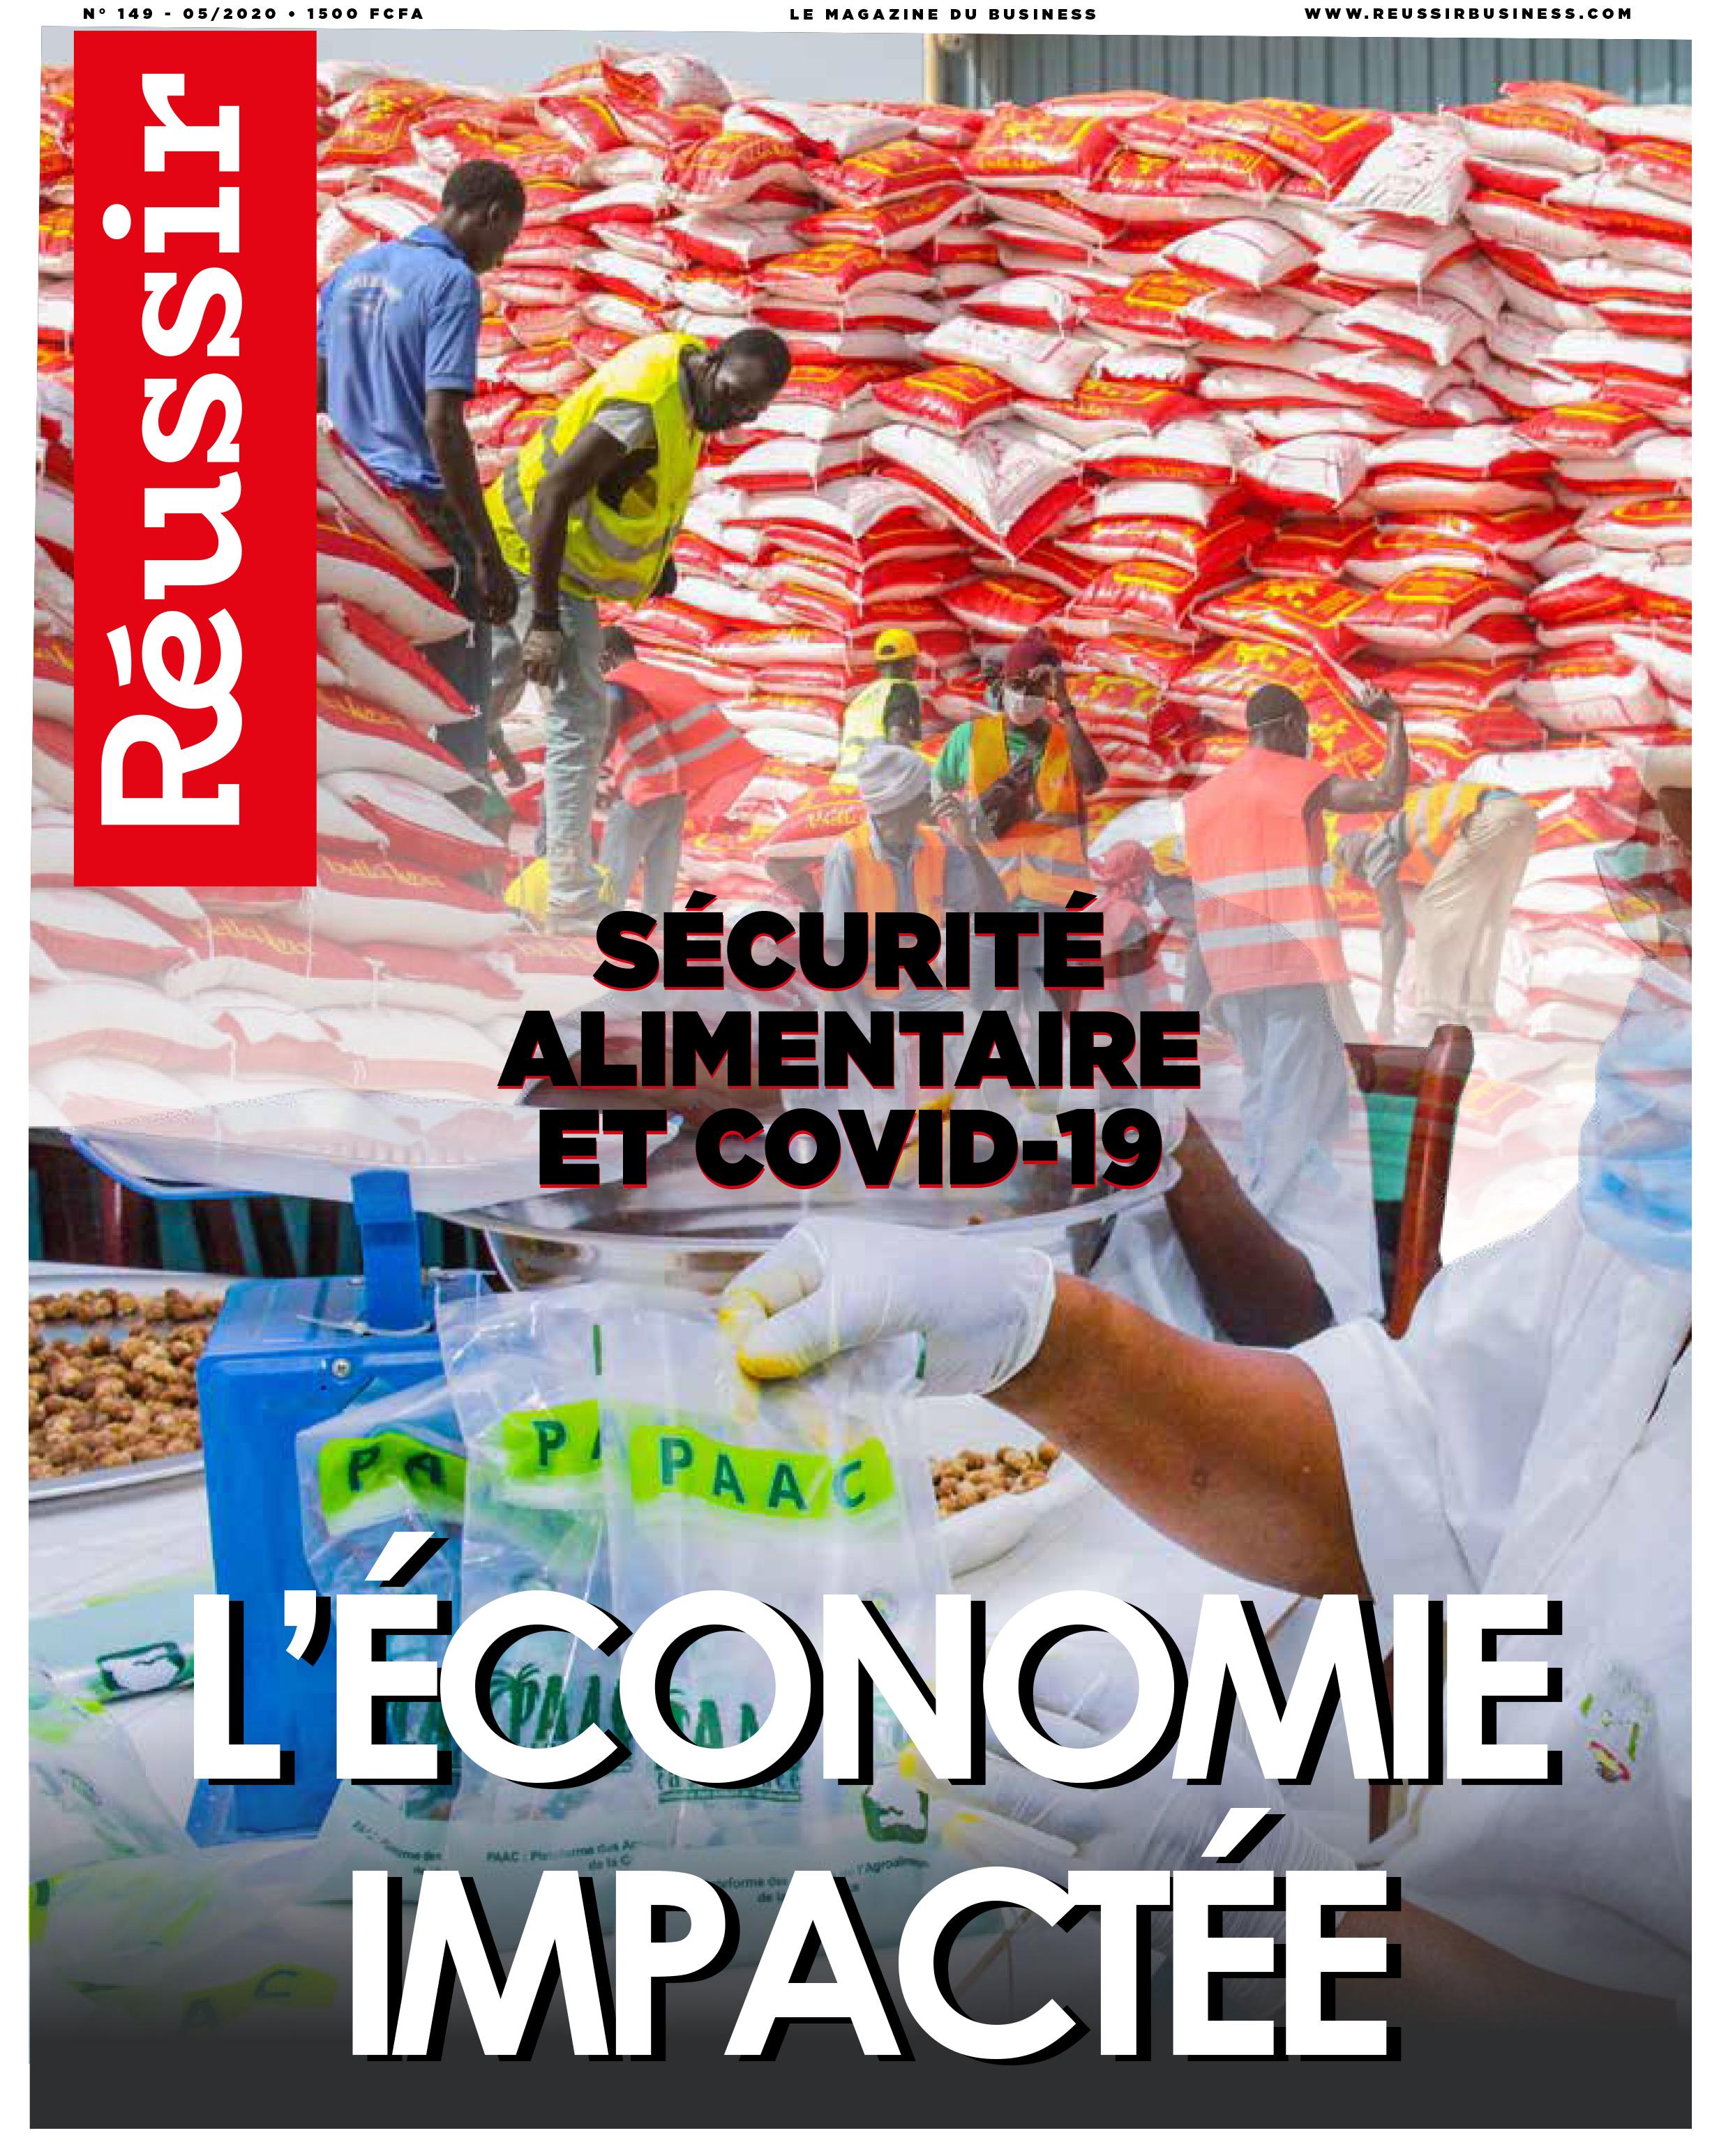 Réussir n°149 – L'après Covid-19 : Repenser l'économie